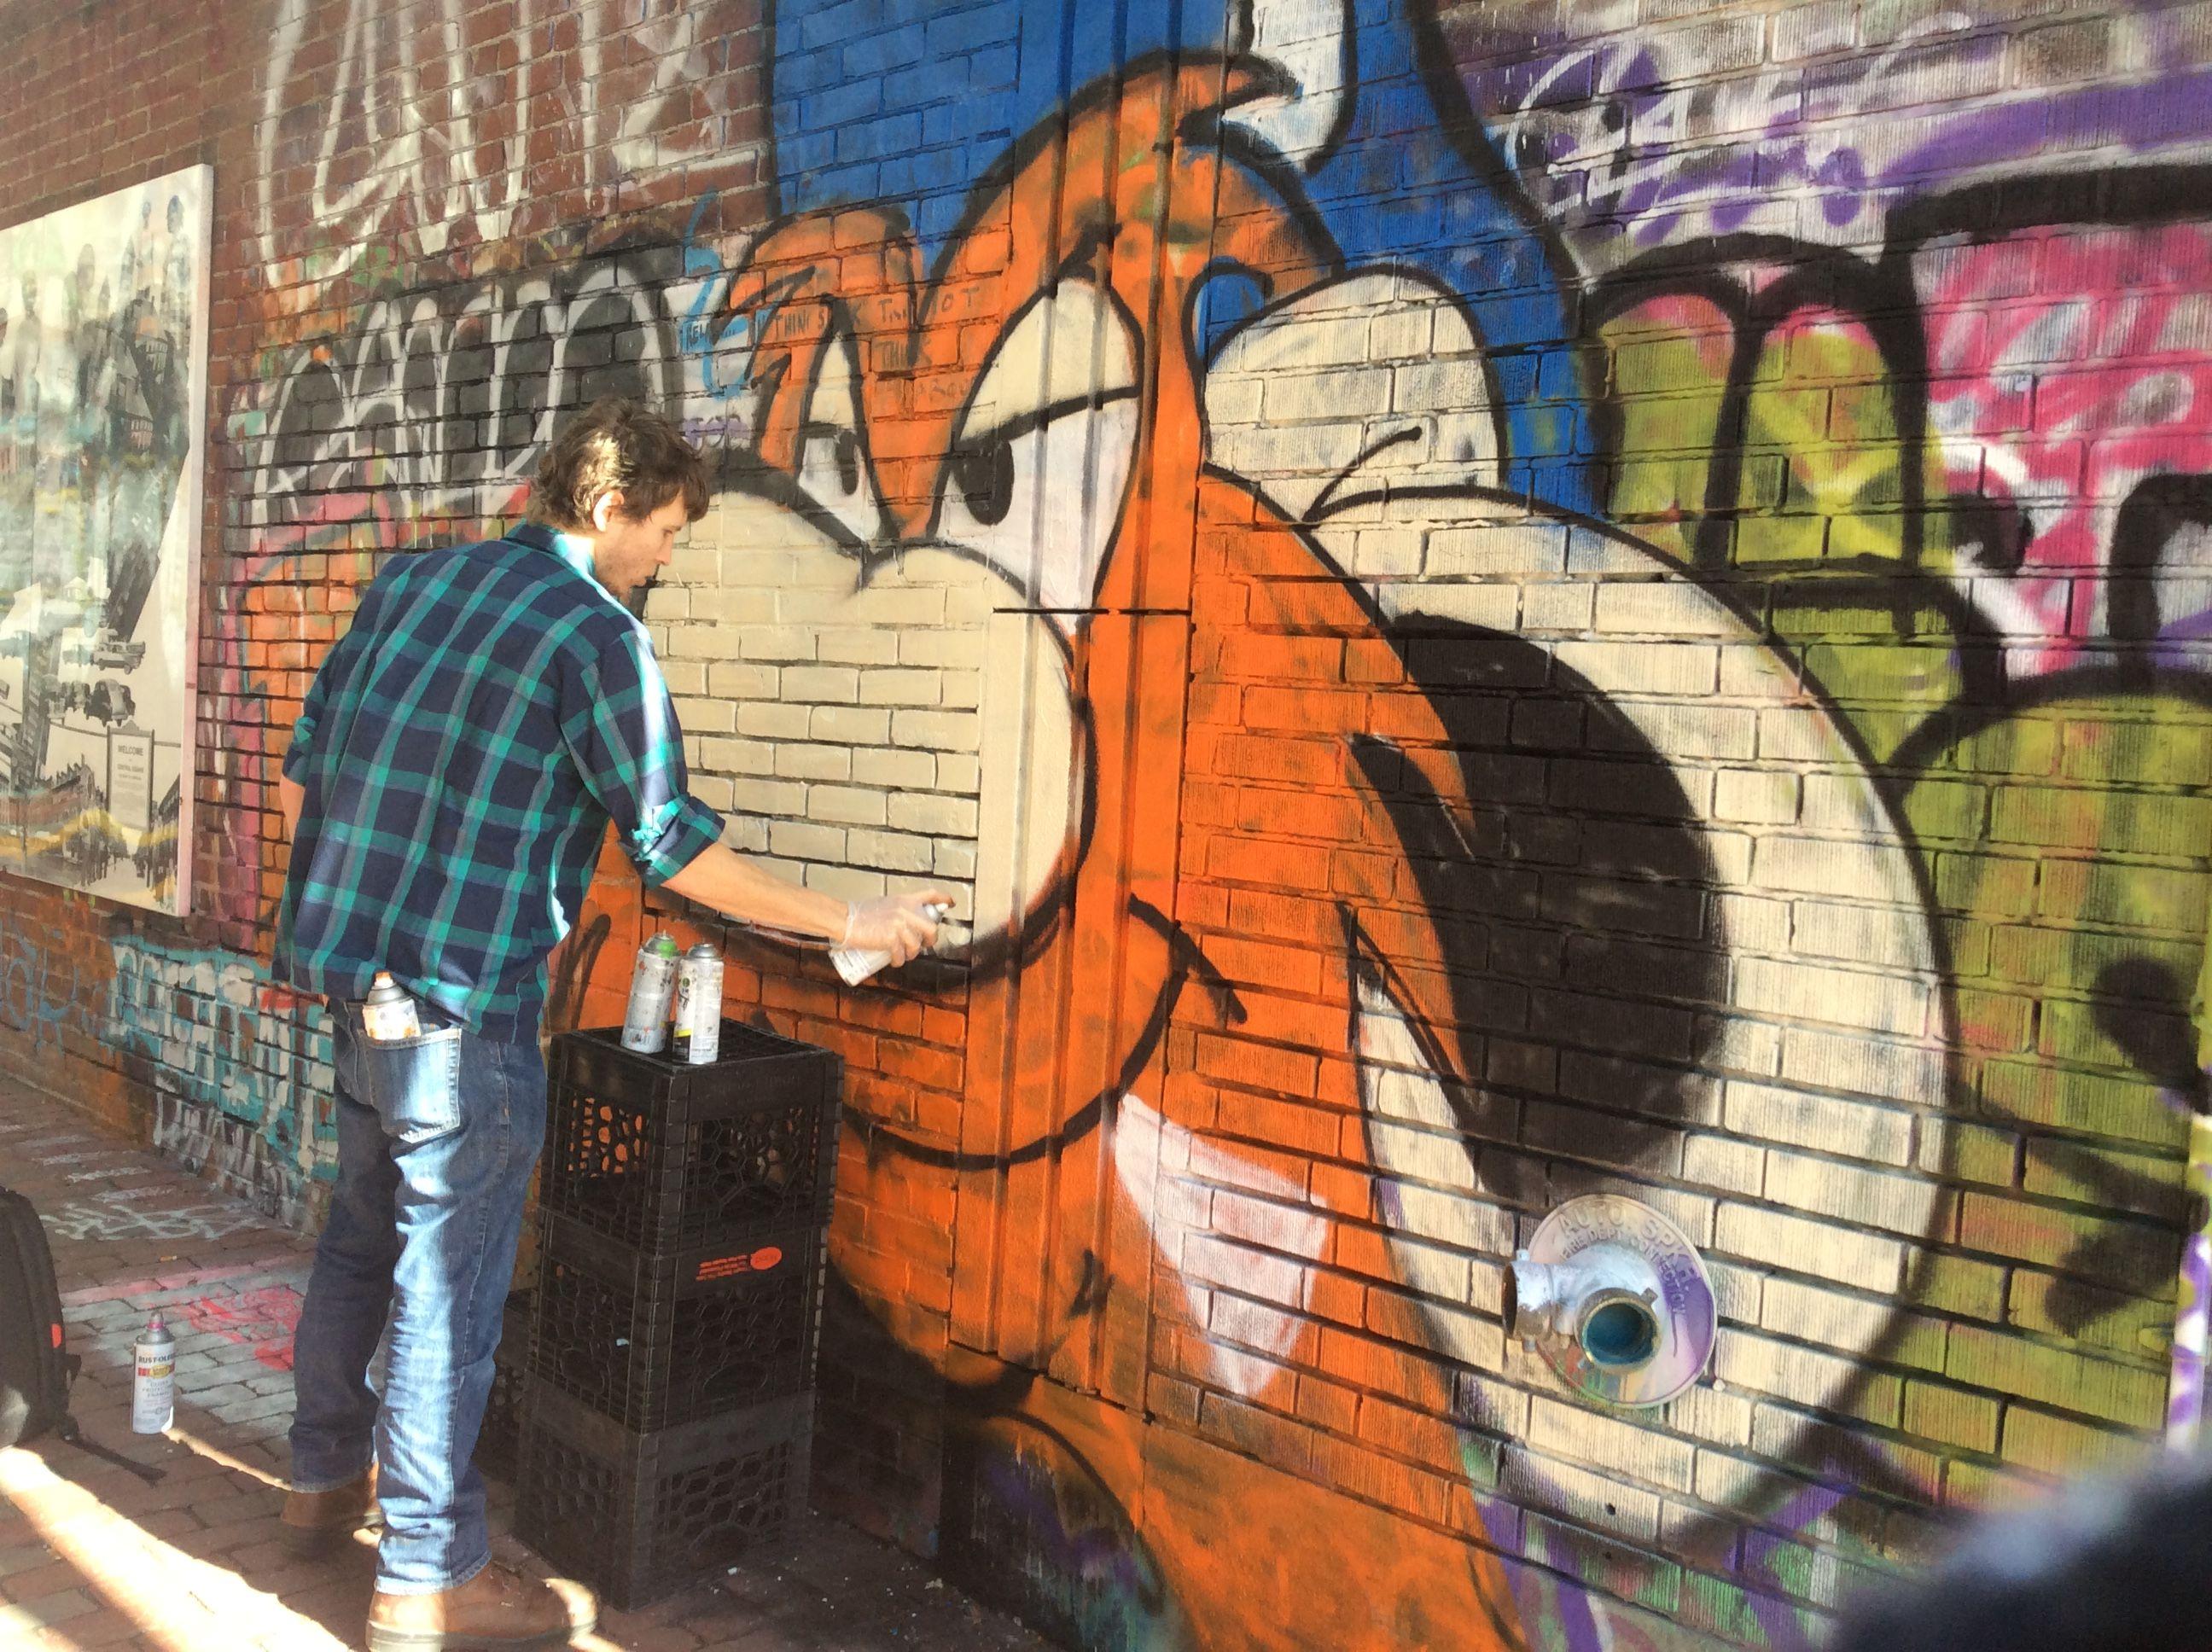 Graffiti wall cambridge ma - Alex At Work In Graffiti Alley In Central Square Cambridge Ma